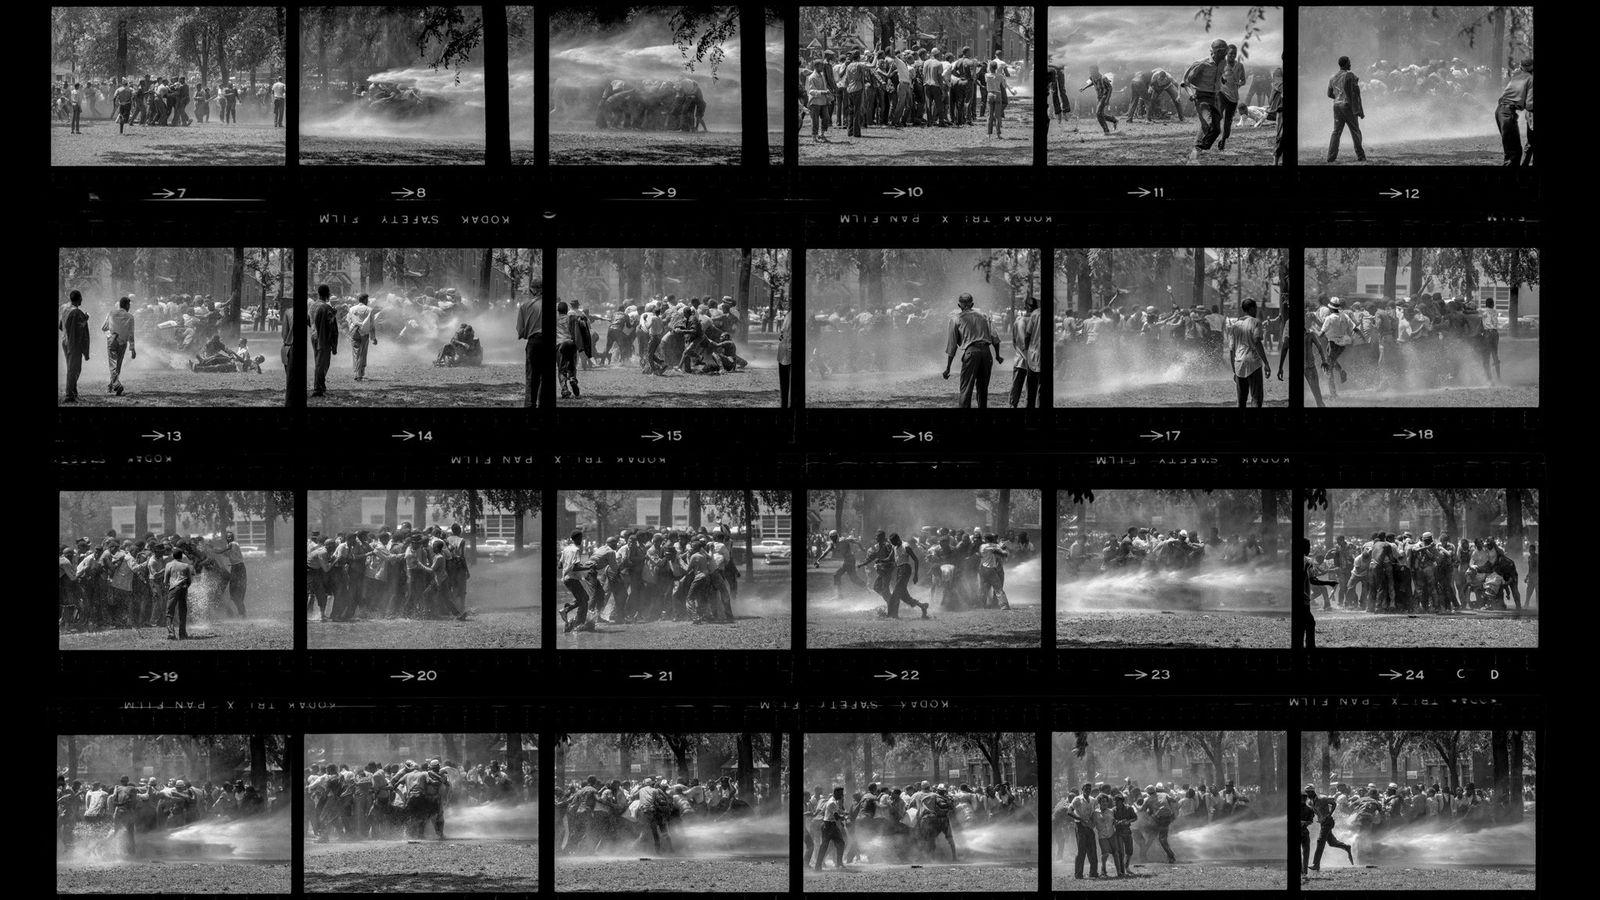 Em 1963, durante os protestos em Birmingham, no Alabama, os manifestantes perceberam que se podiam agarrar ...